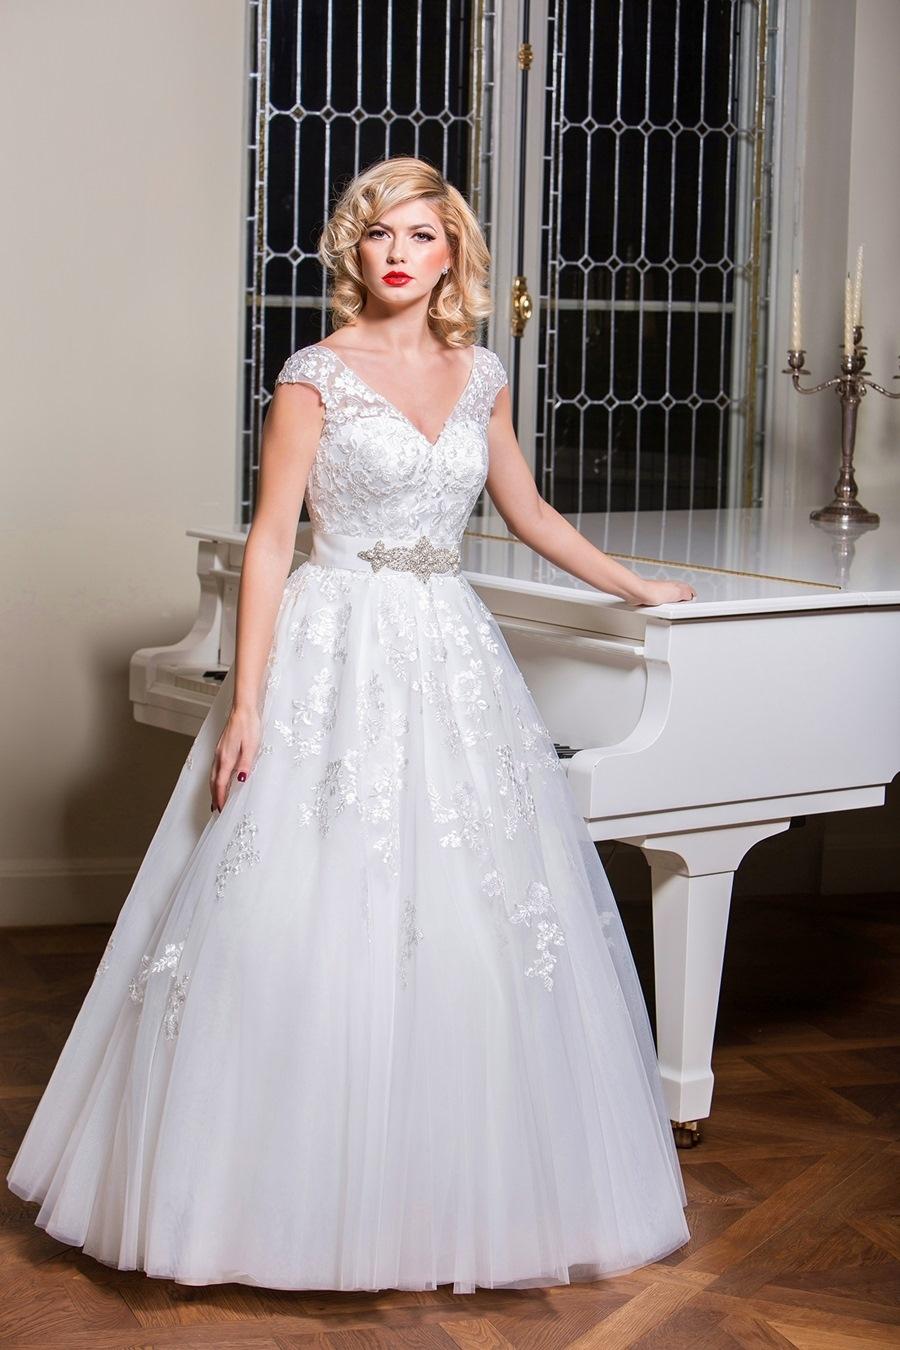 rochie-cu-bretele-1452612503090-999x1427